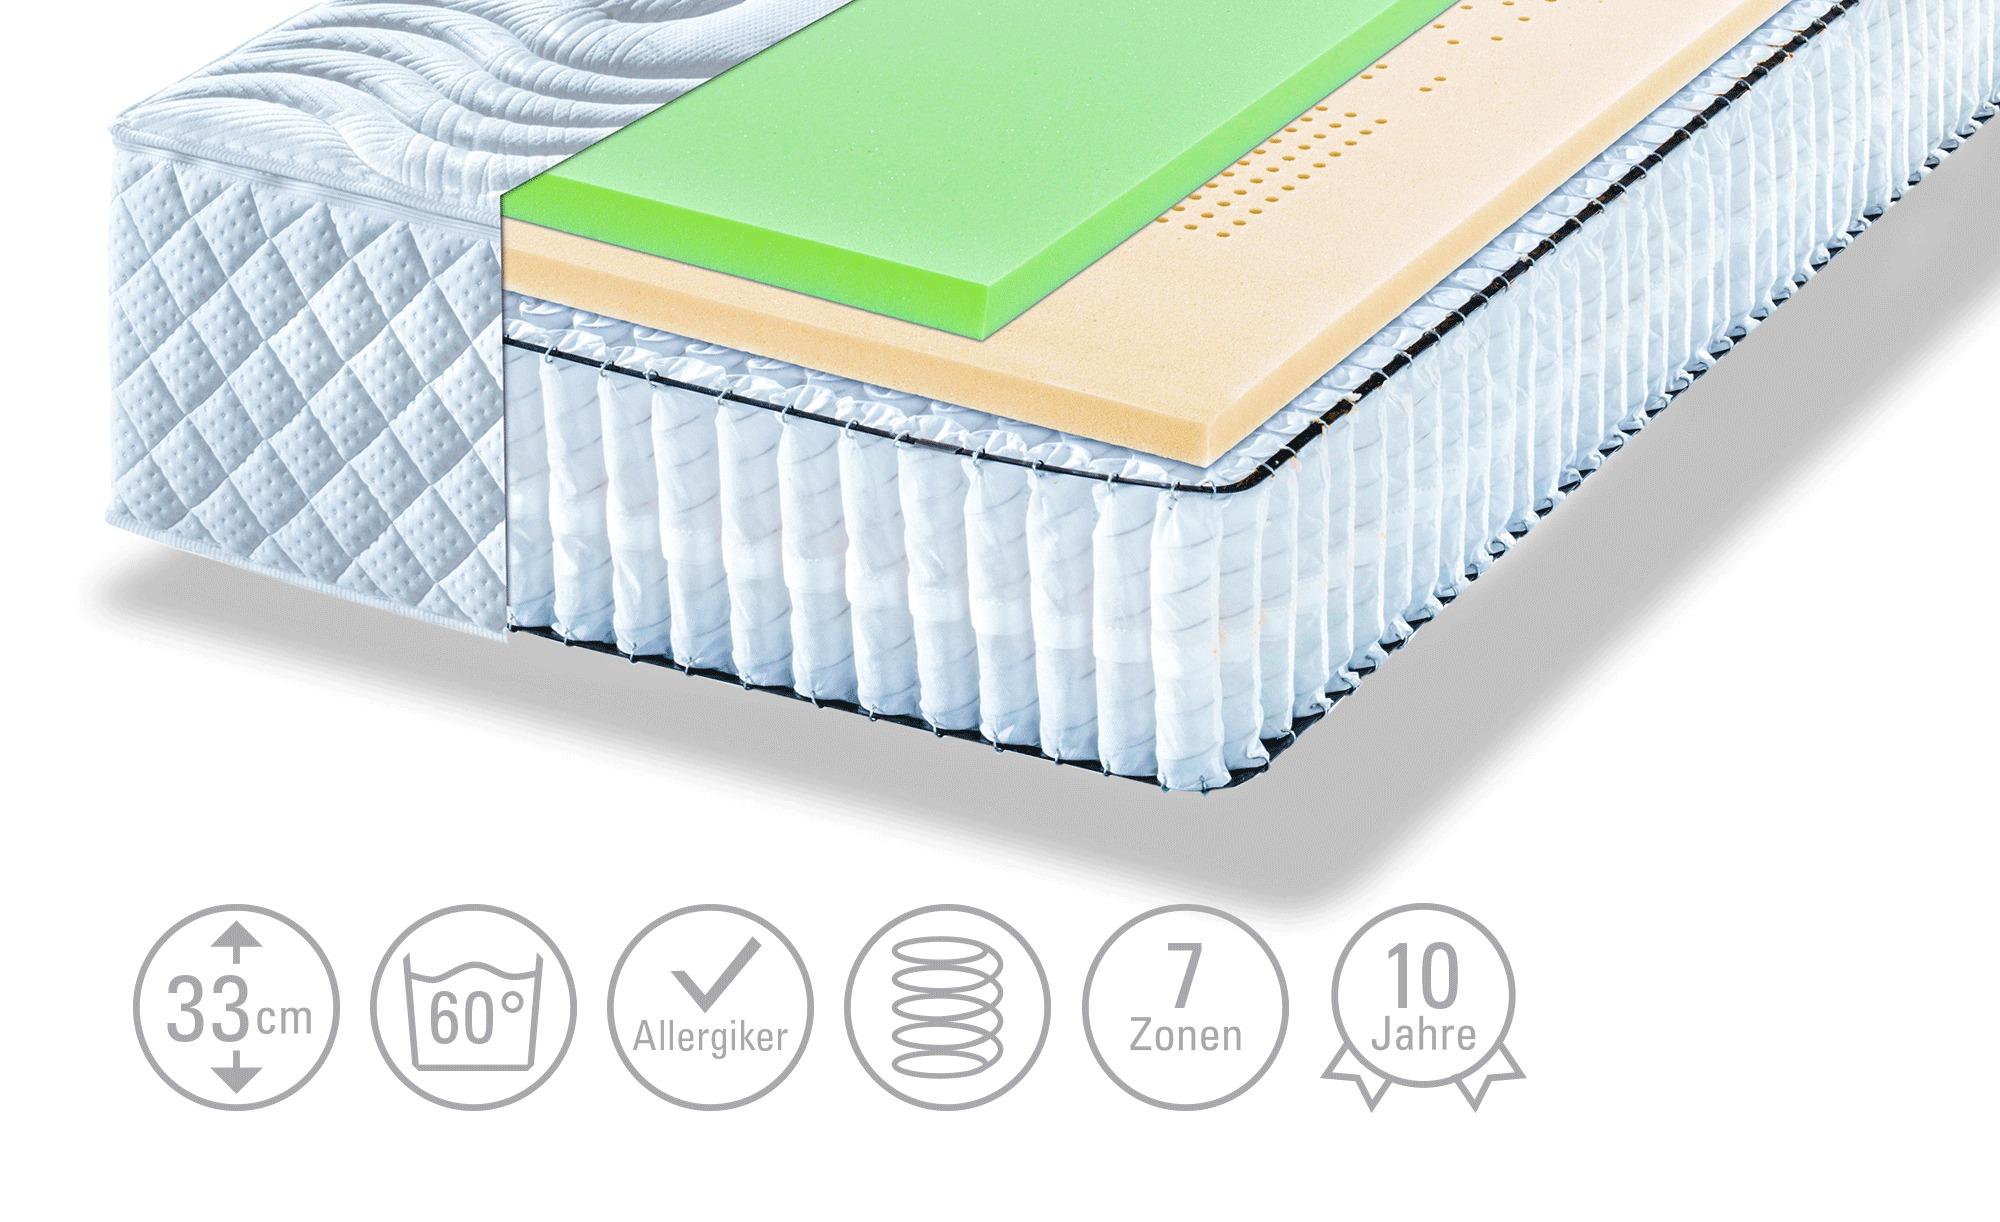 Artone Tonnentaschenfederkern-Matratze  Boxspring Comfort - weiß - 80 cm - 33 cm - Matratzen & Zubehör > Federkernmatratzen - Möbel Kraft